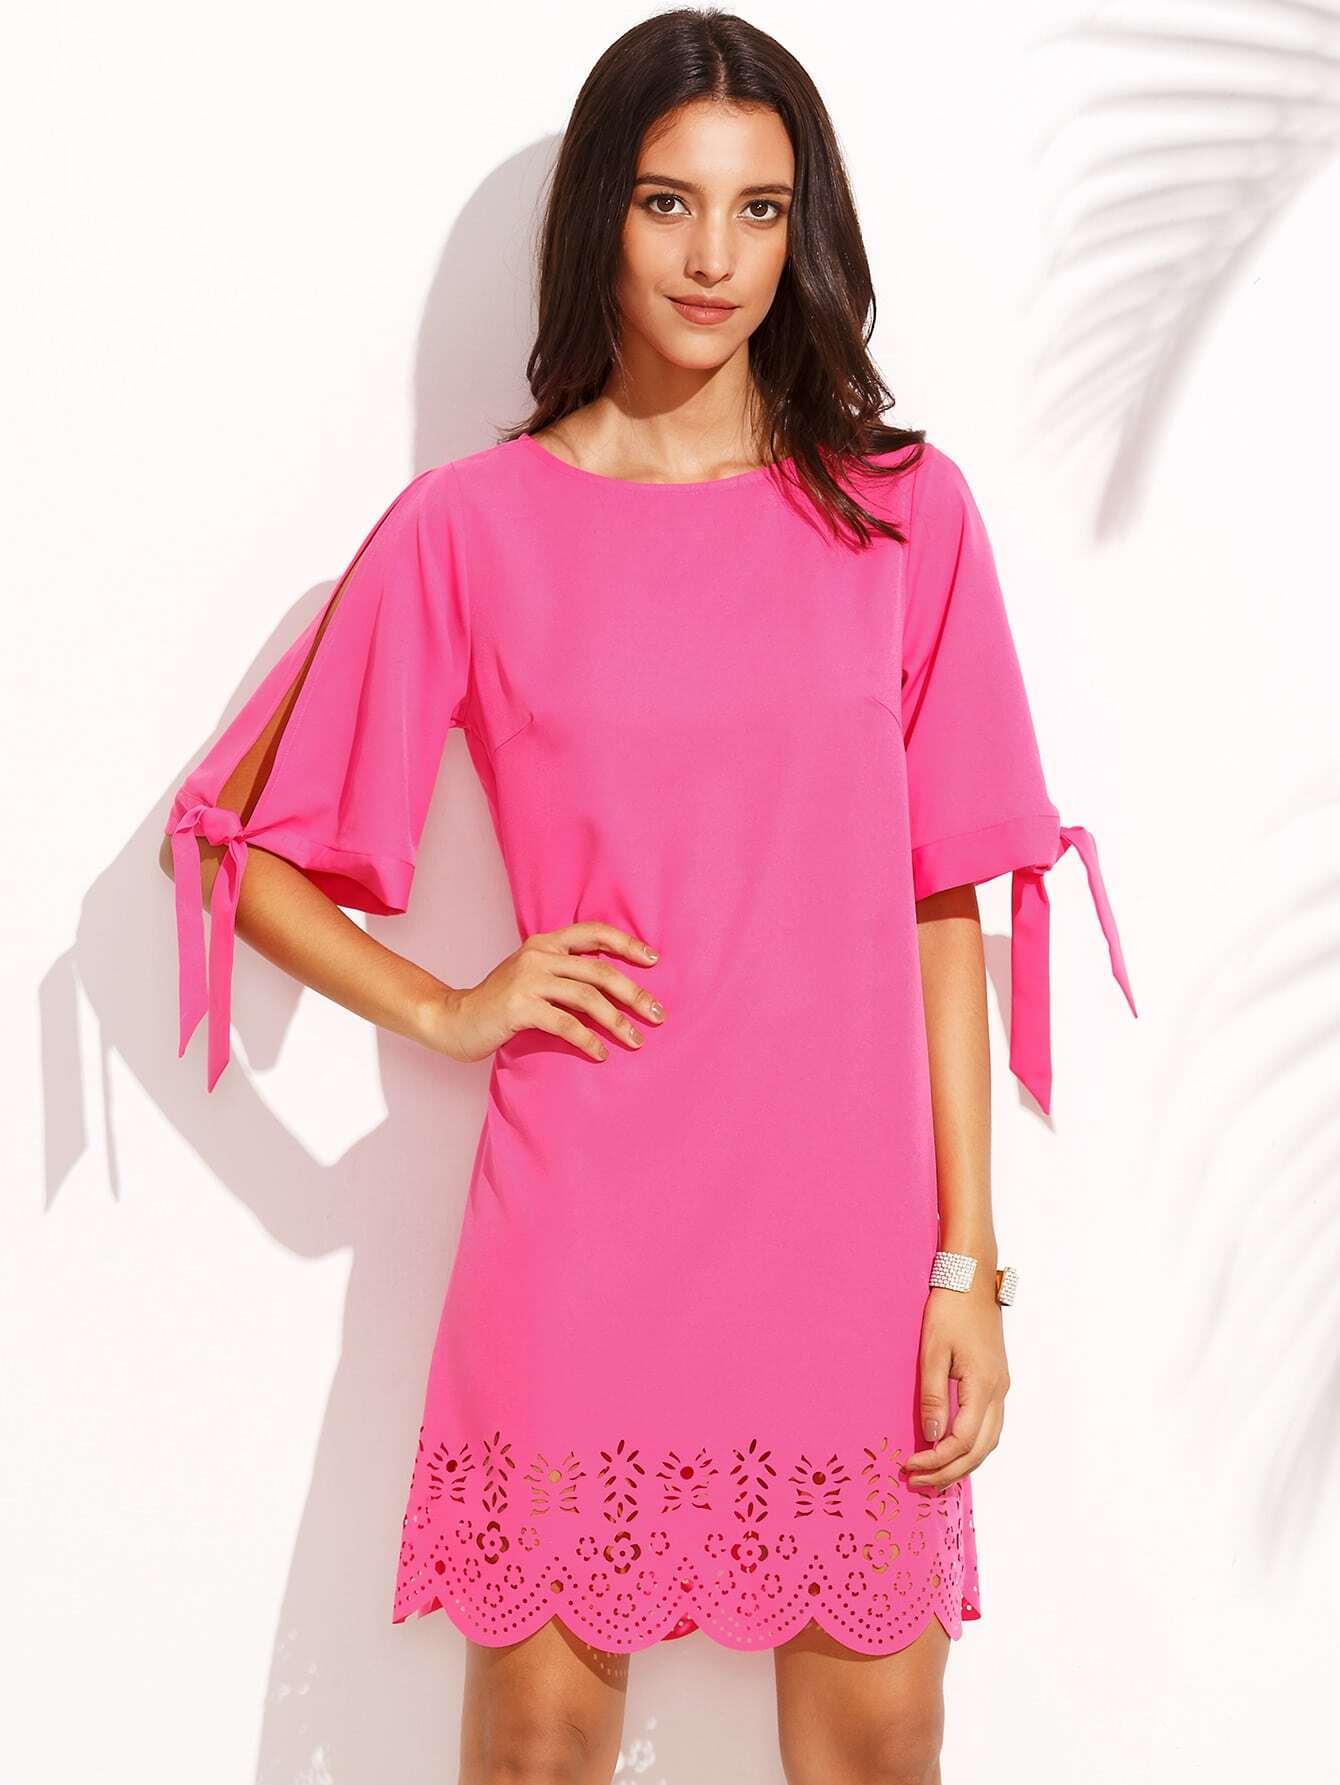 Hot Pink Tie Cuff Scallop Hem Shift Dress dress160729712